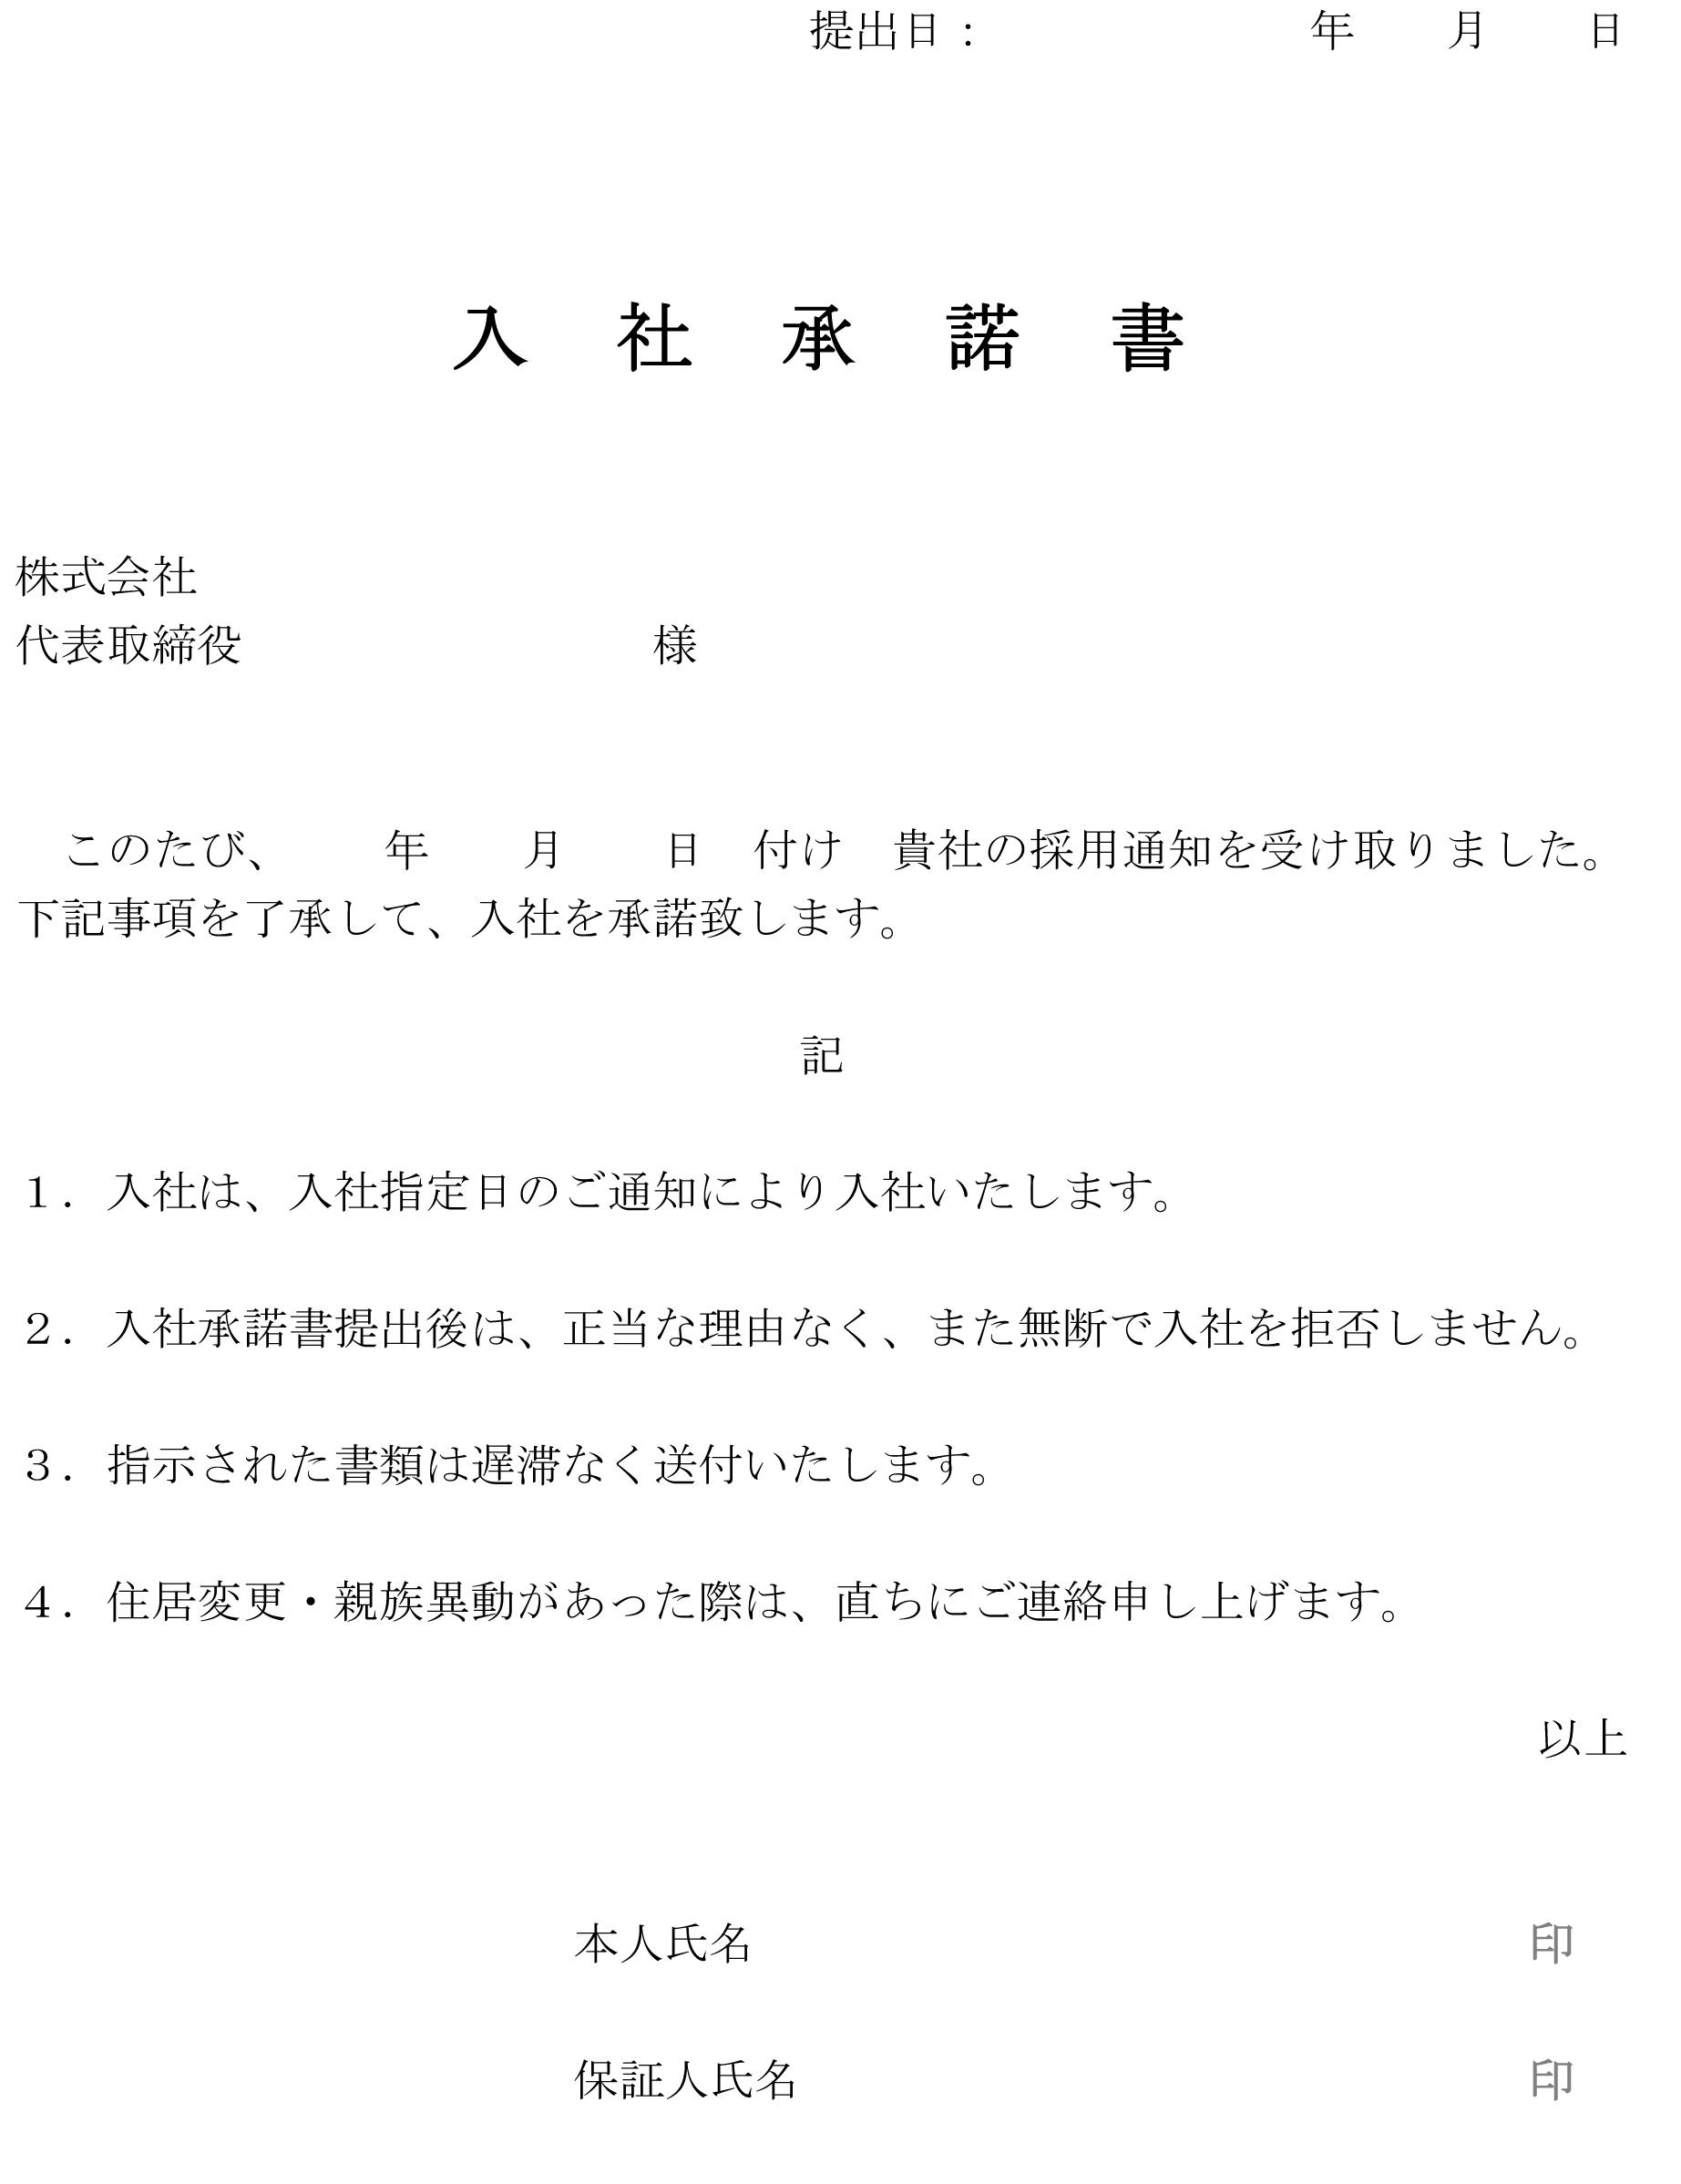 入社承諾書07